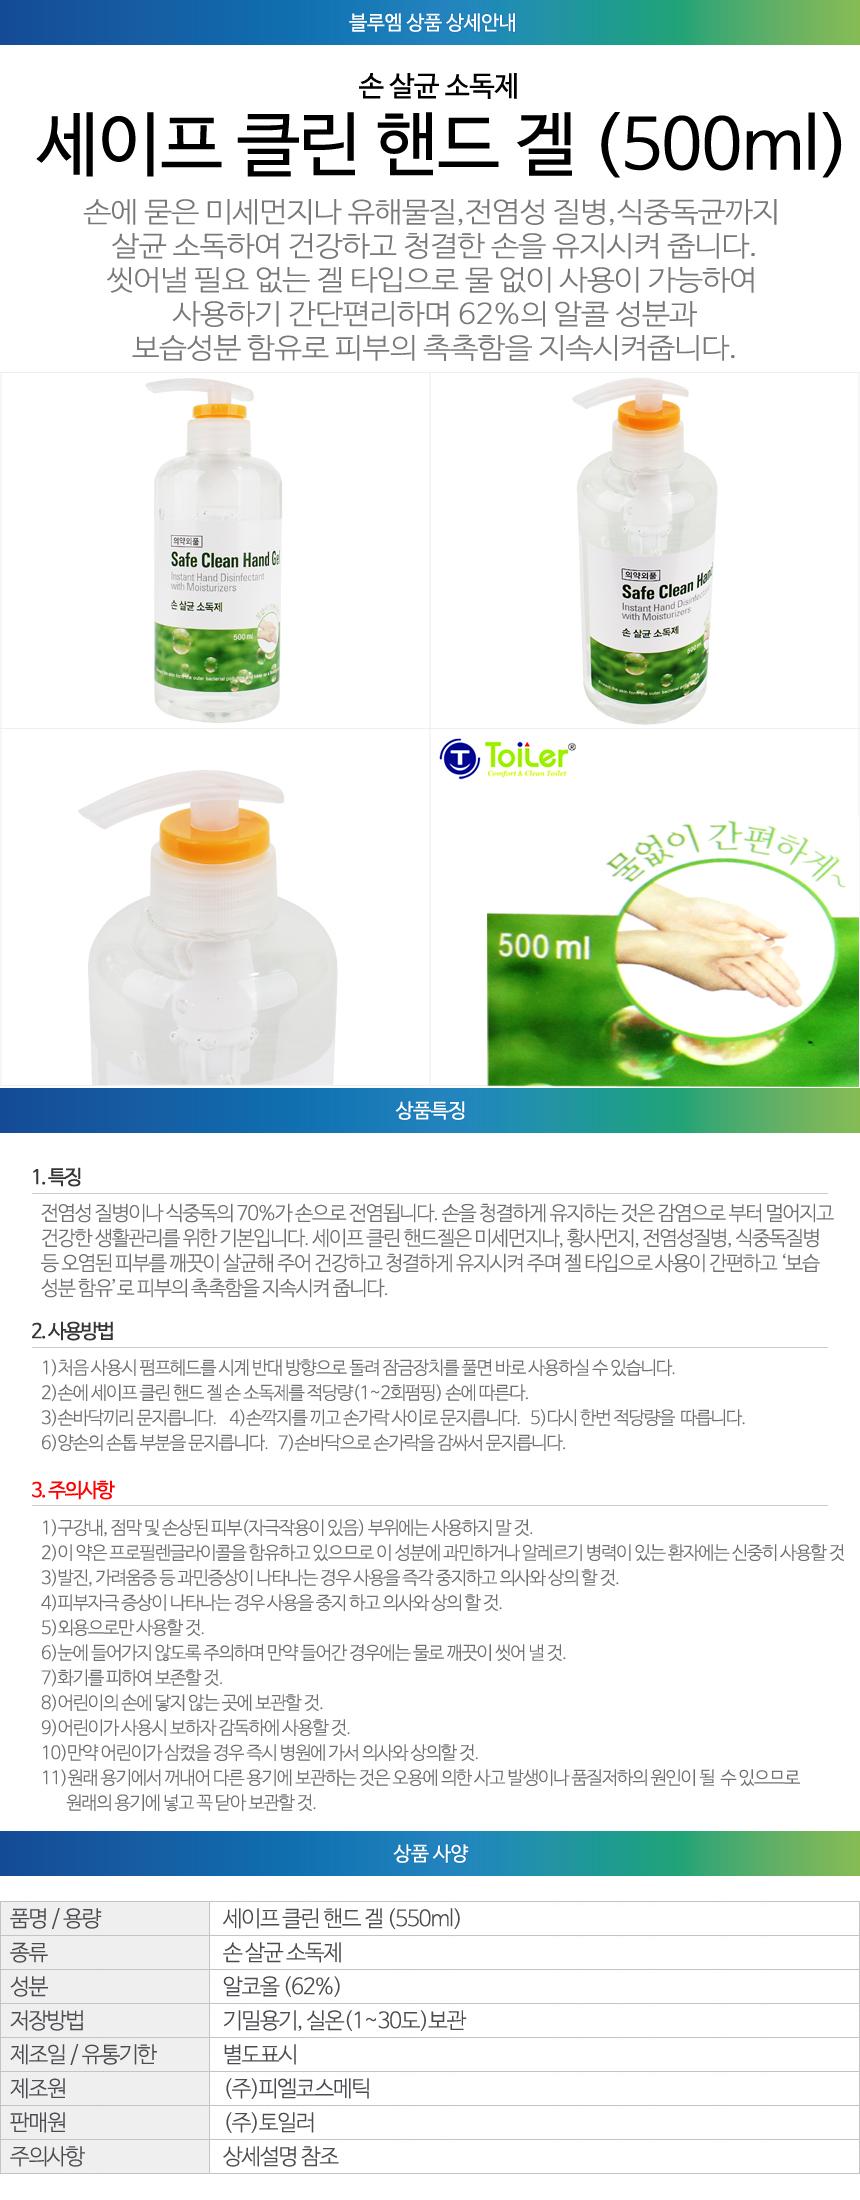 safecleanHG500ml.jpg